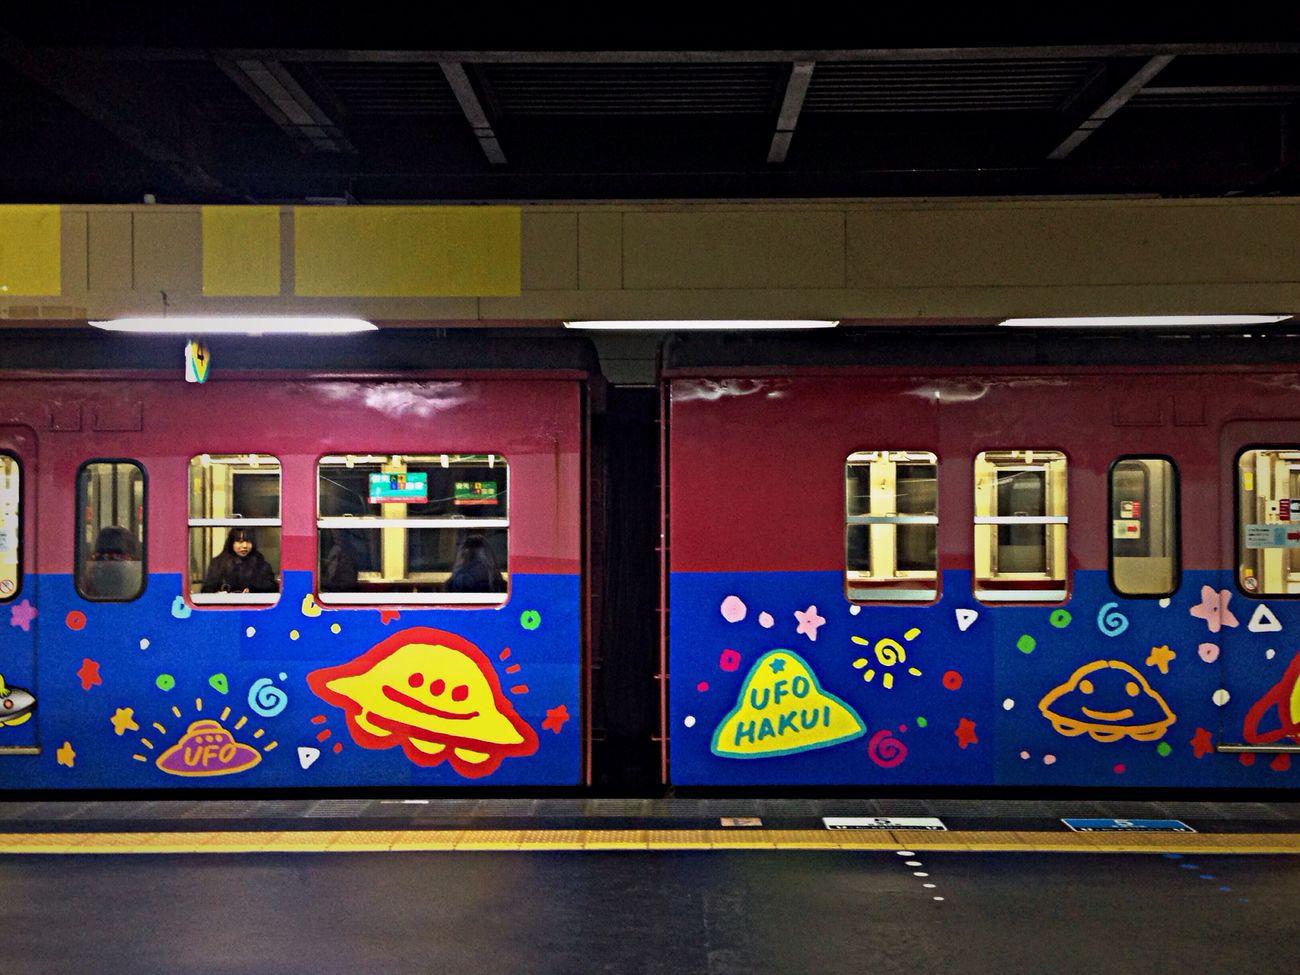 超チープなラッピング列車😳 Public Transportation Commuting Train Train Station Enjoying Life IPhoneography From My Point Of View Streetphotography Street Photography Station Relaxing Kanazawa-shi Japan 車内は外観以上に更にチープ😅